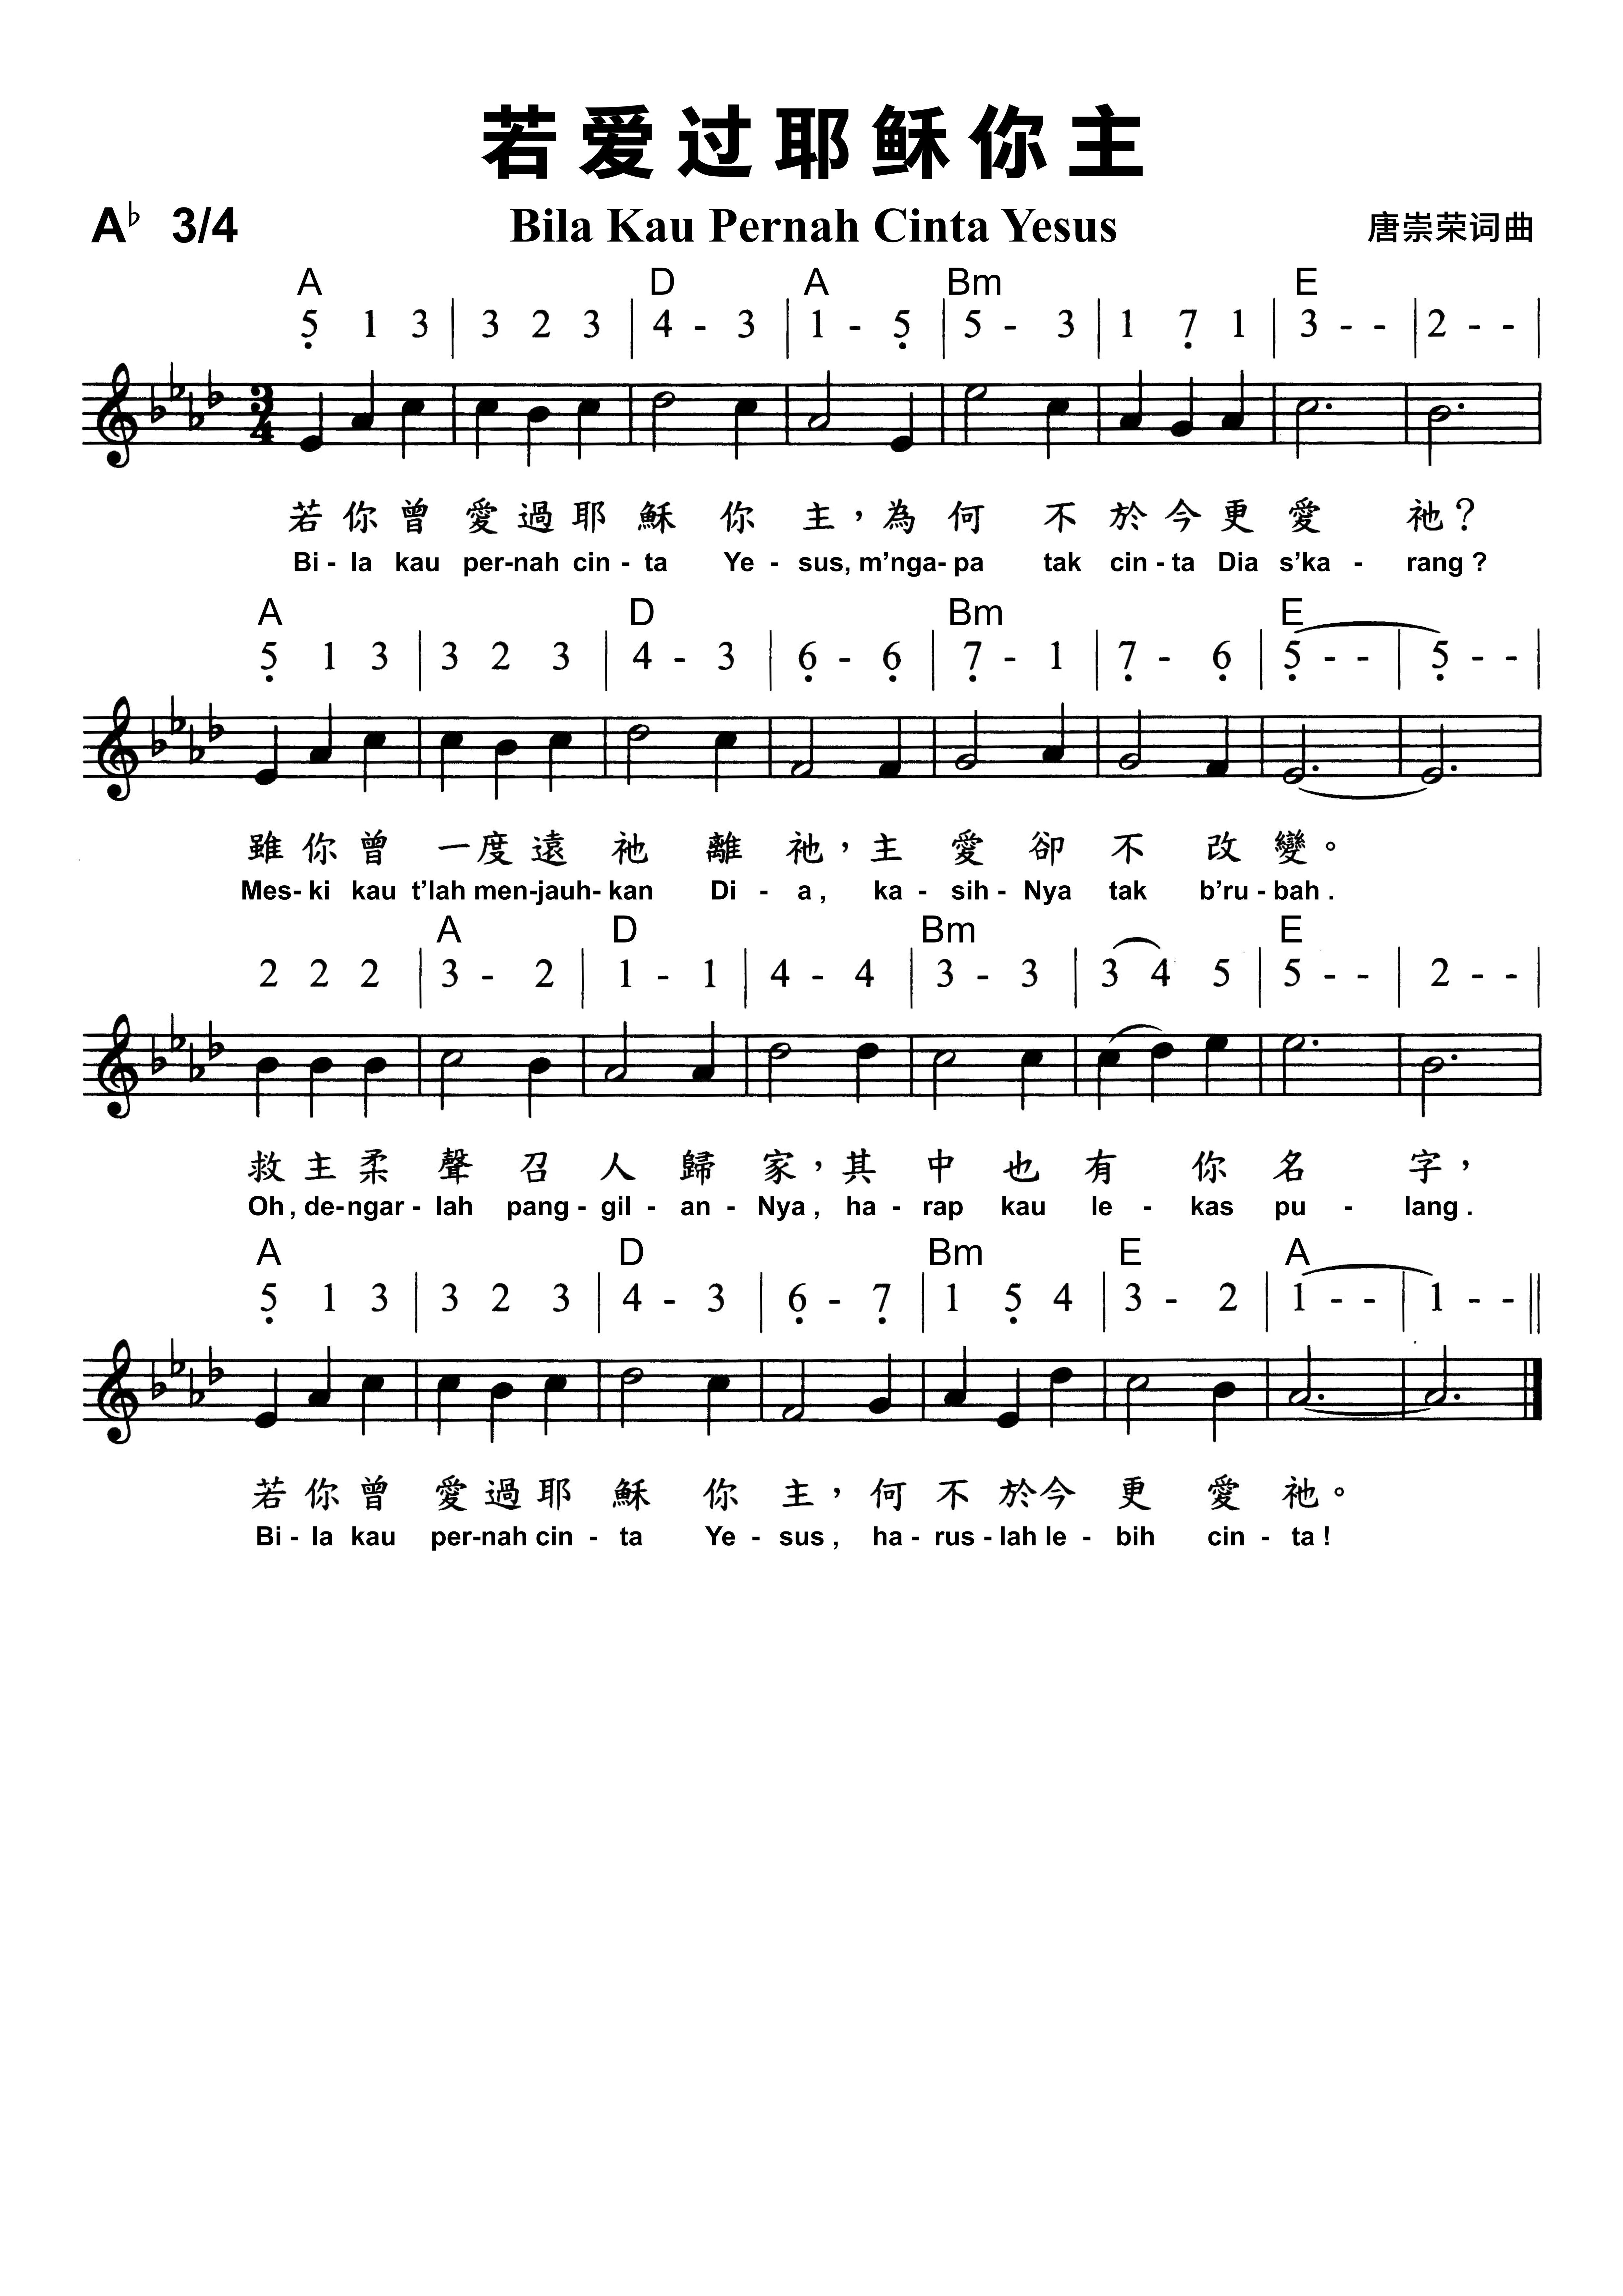 诗歌 - 若爱过耶稣你主 - Bila Kau Pernah Cinta Yesus - 5000px